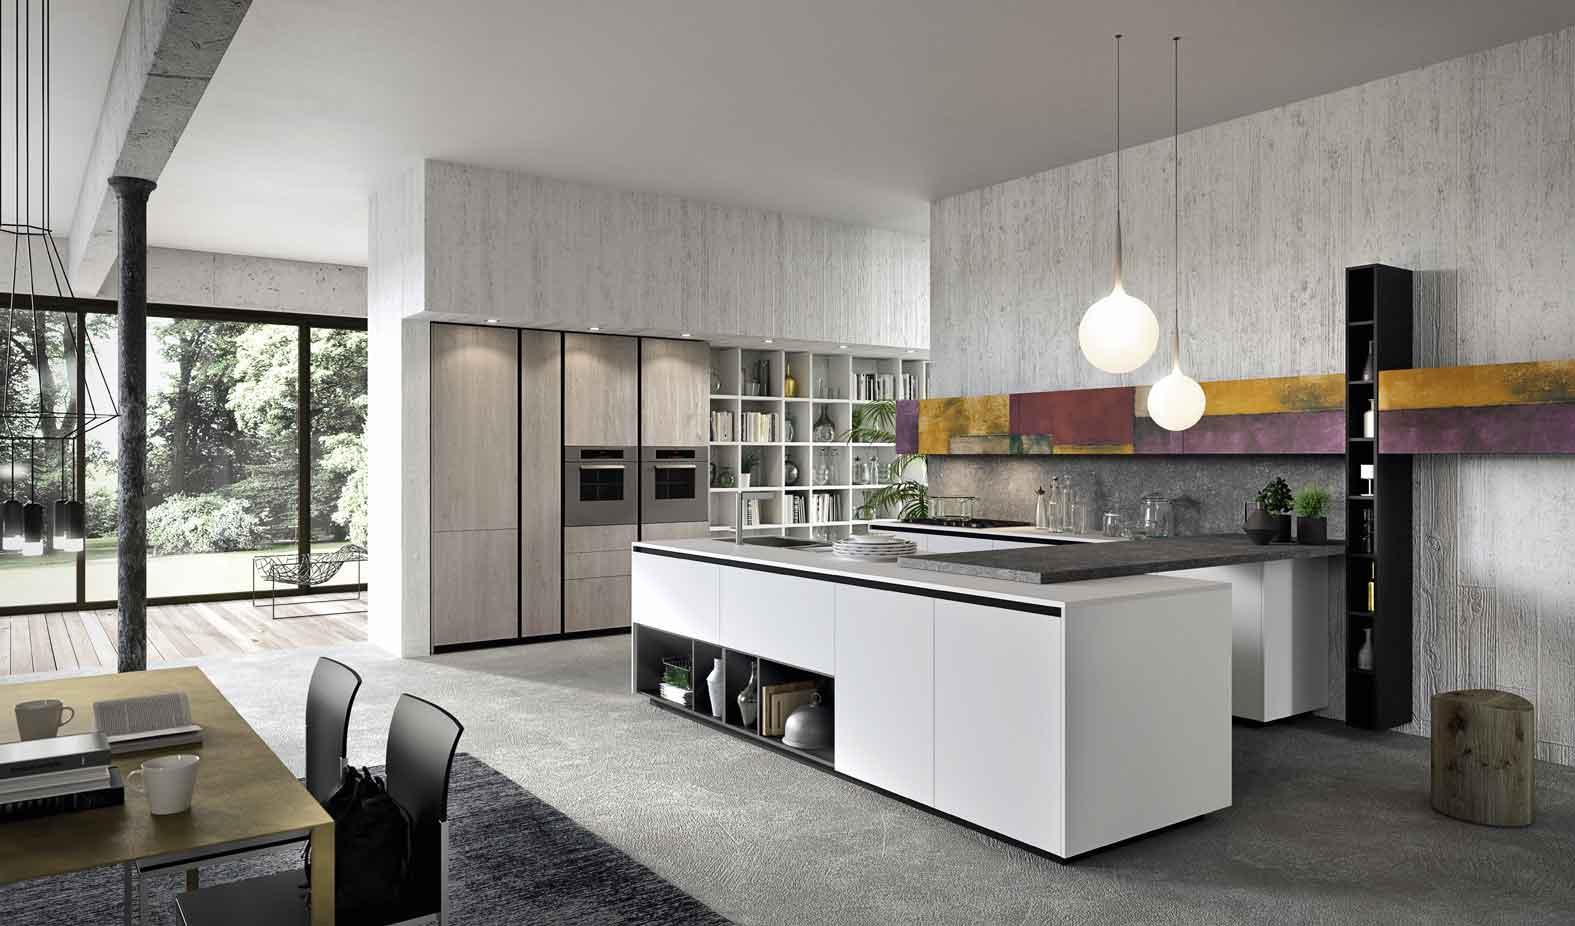 Expertos en cocinas de dise o italianas nexo cocinas - Aran cucine italy ...